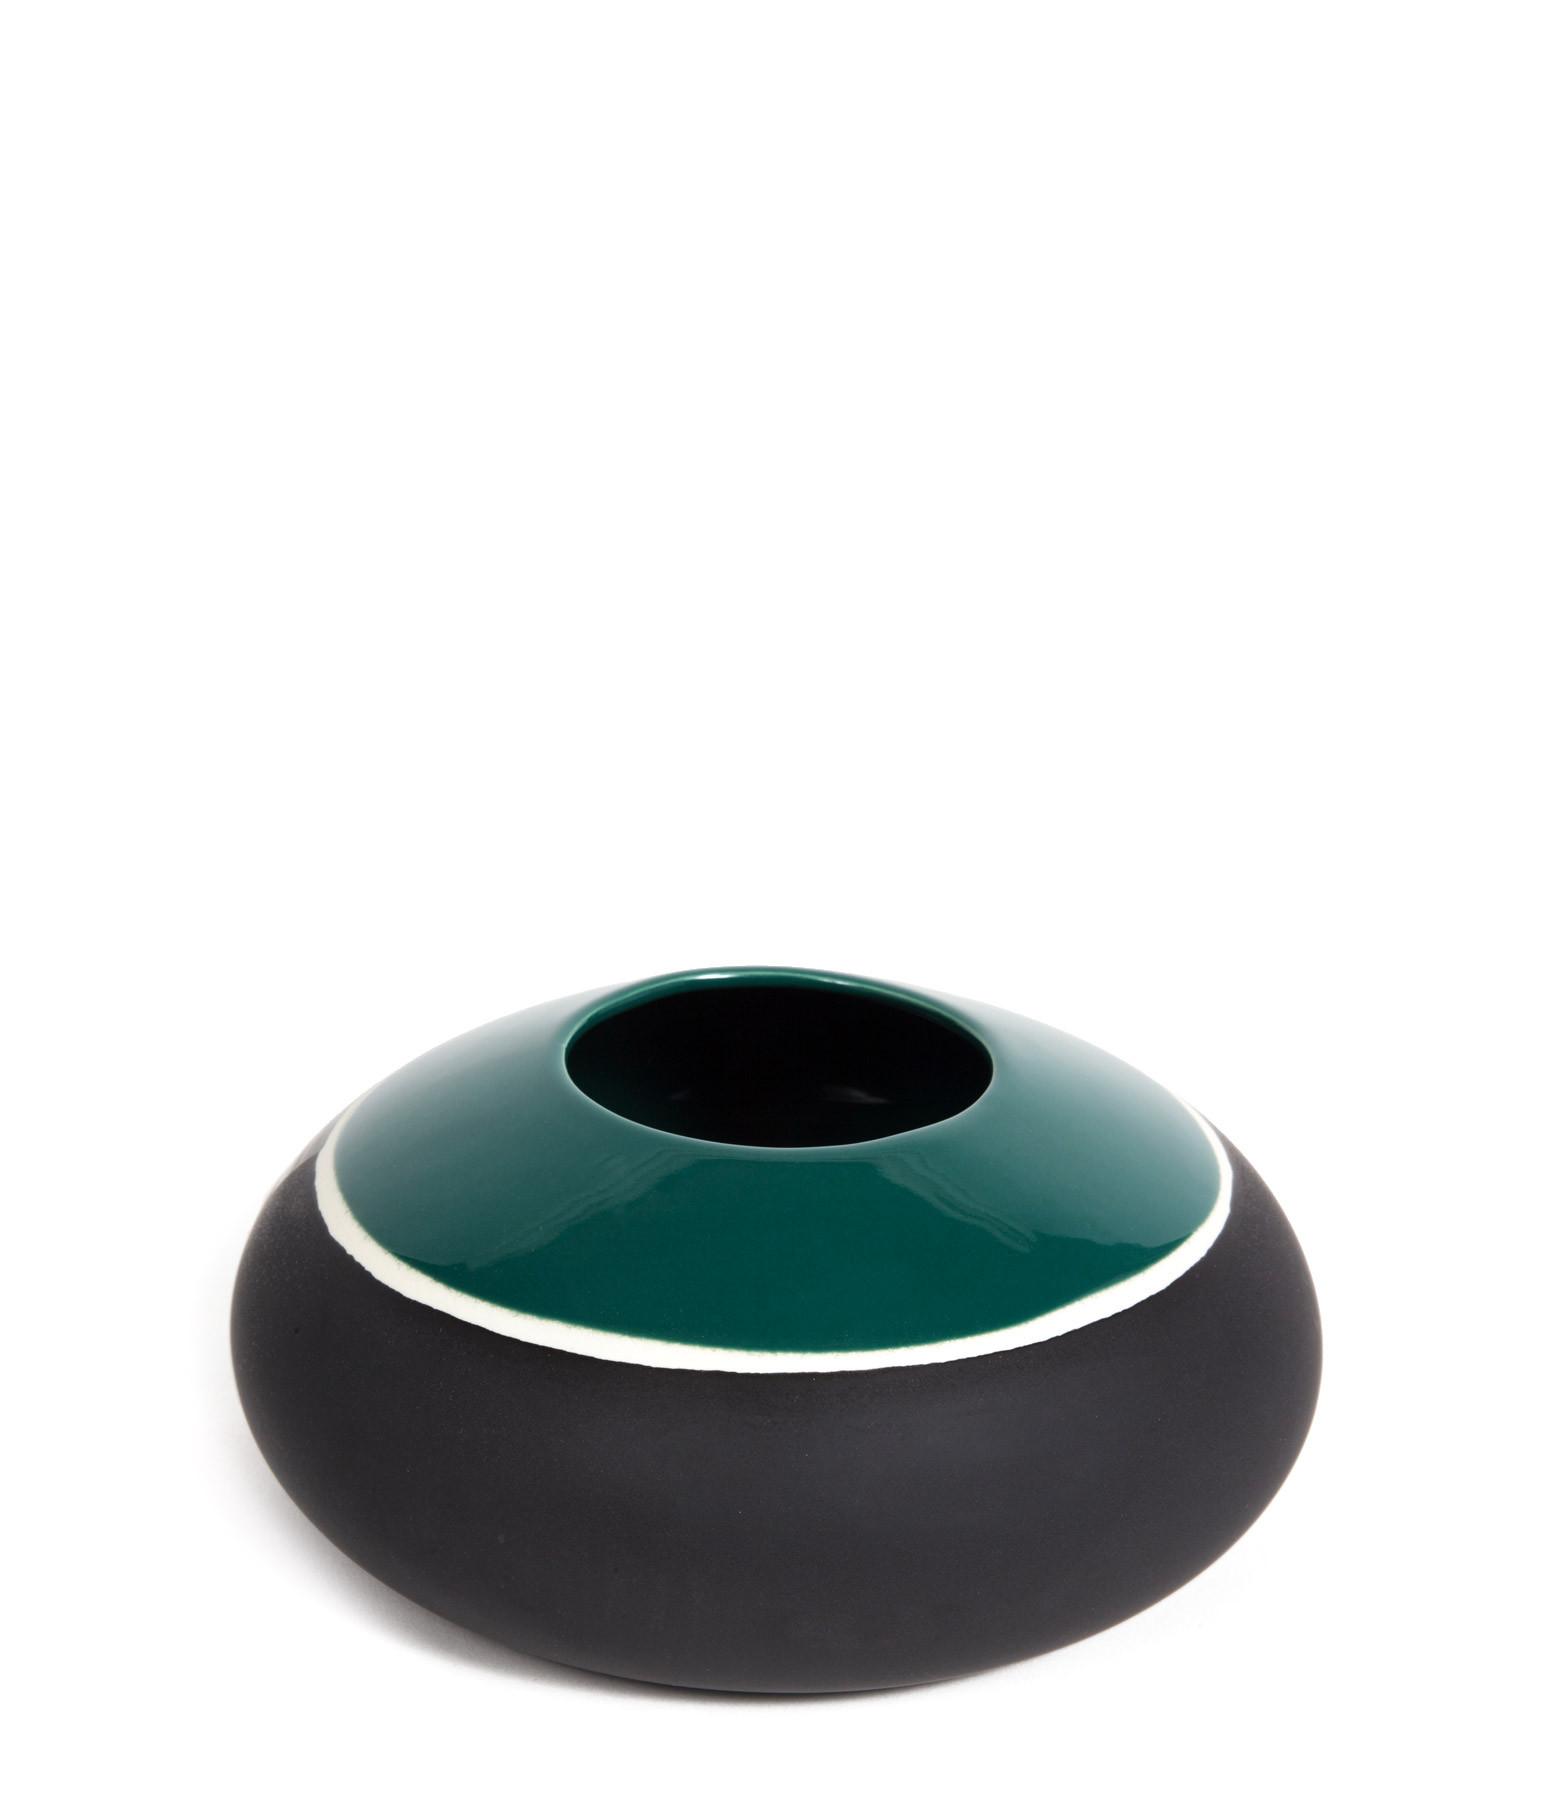 MAISON SARAH LAVOINE - Vase Sicilia Bleu Sarah 10x22cm